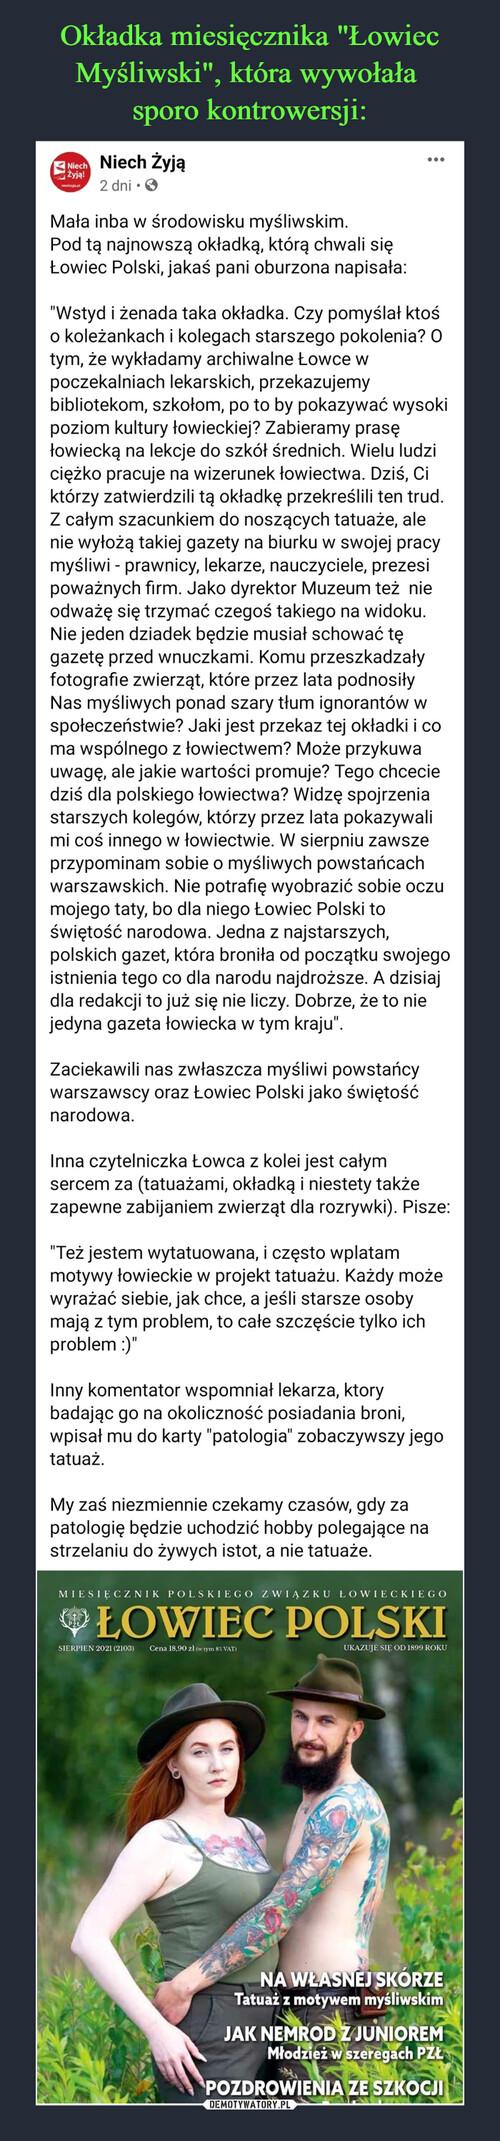 """Okładka miesięcznika """"Łowiec Myśliwski"""", która wywołała  sporo kontrowersji:"""